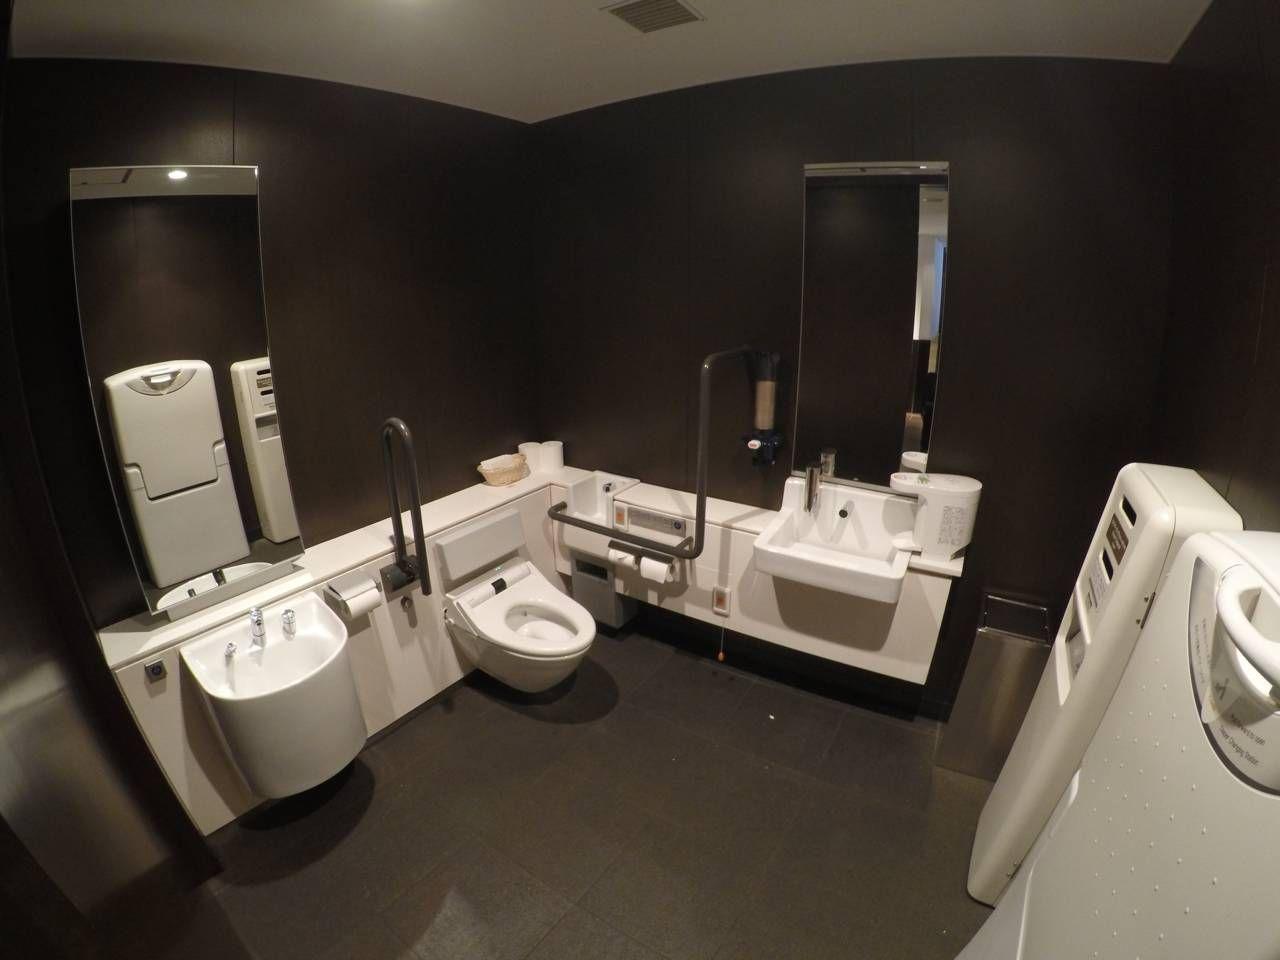 um banheiro super amplo – este era acessível – vejam o tamanho  #856846 1280 960